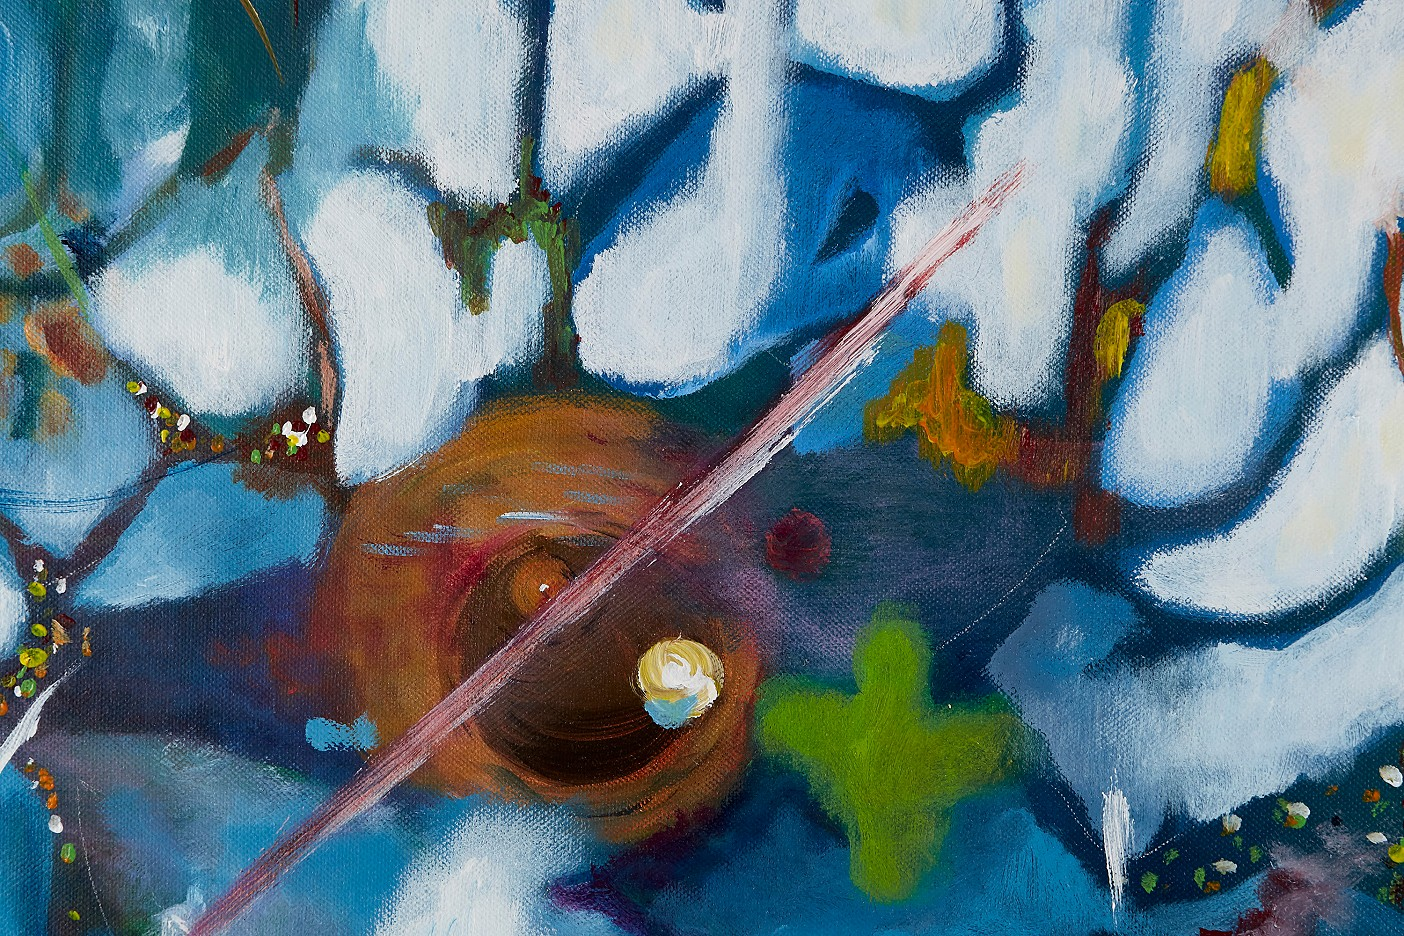 Herbst-Teich aus der Serie Verborgenes - Unter der Oberfläche